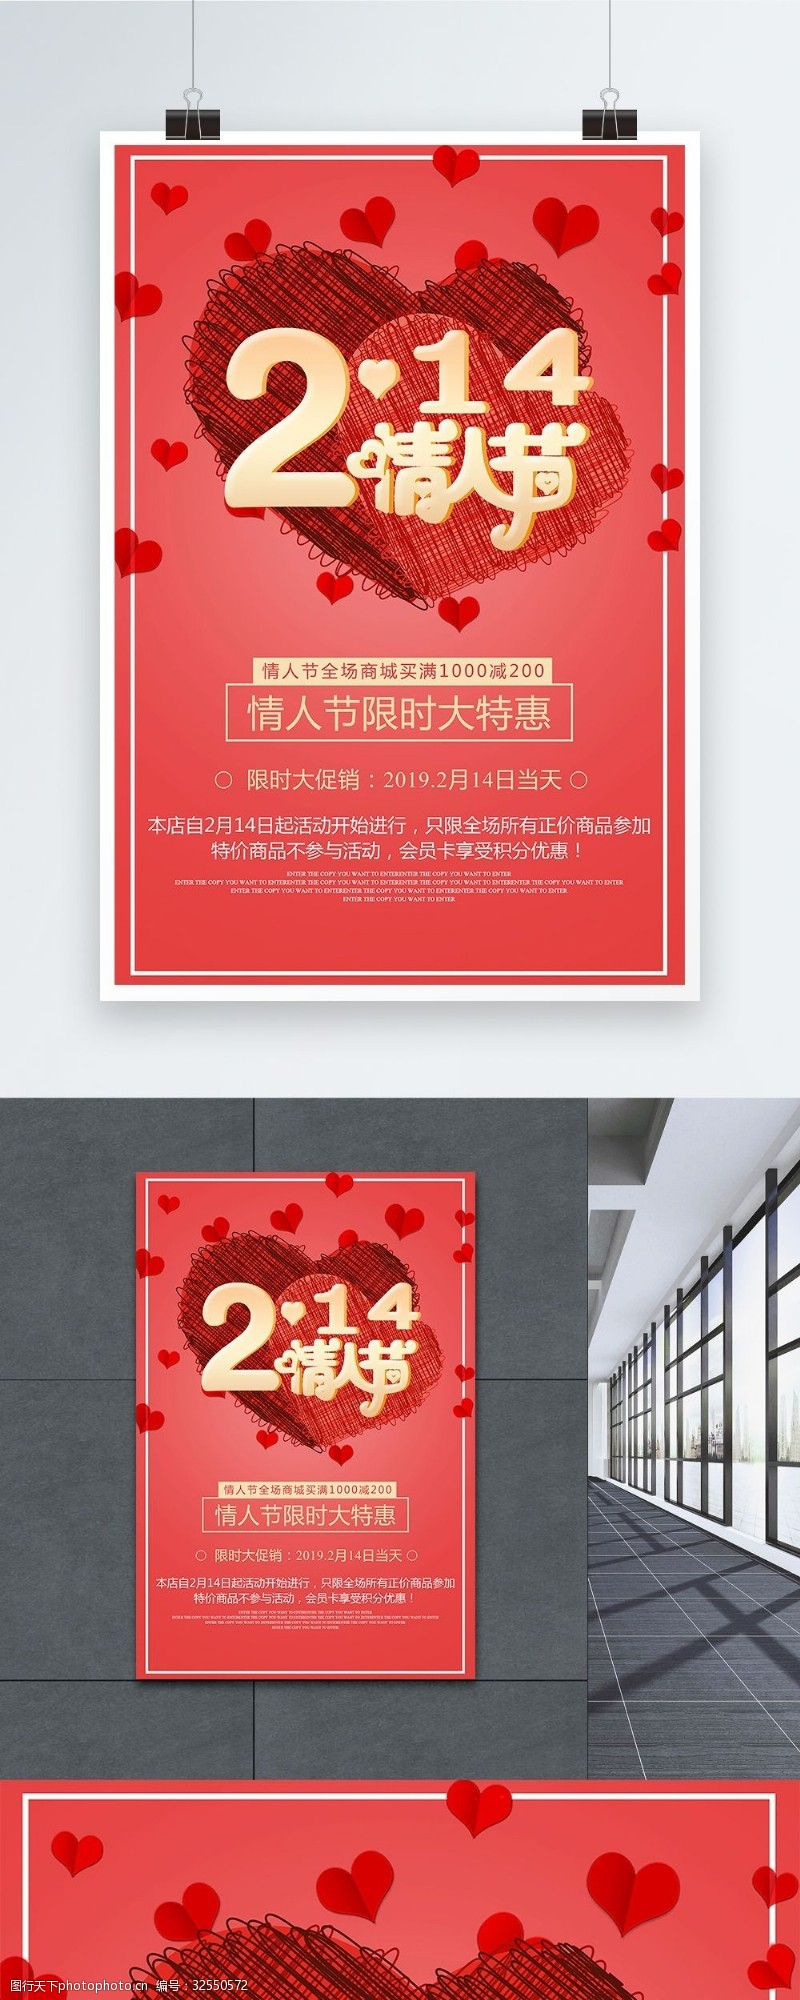 浪漫214情人節促銷海報